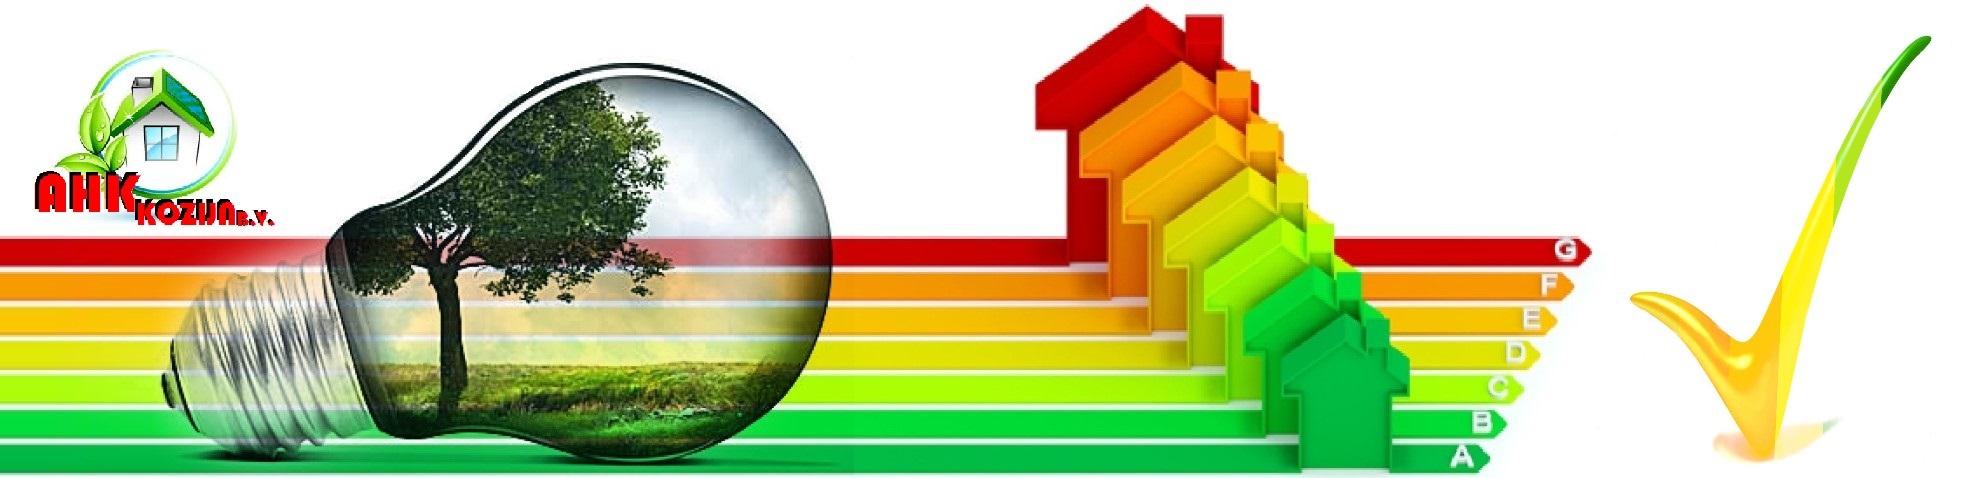 besparende kozijnen, energiezuinige kozijnen, isolerende kozijnen, betaalbare kozijnen, circulaire kozijnen, duurzame kozijnen, duurzaamheid huizen, duurzame bouw, duurzaam bouwen, duurzame huizenbouw, passief kozijn, passiefbouw kozijnen, energiezuinig renoveren, energiezuinige kozijnen, renovatie kozijnen,